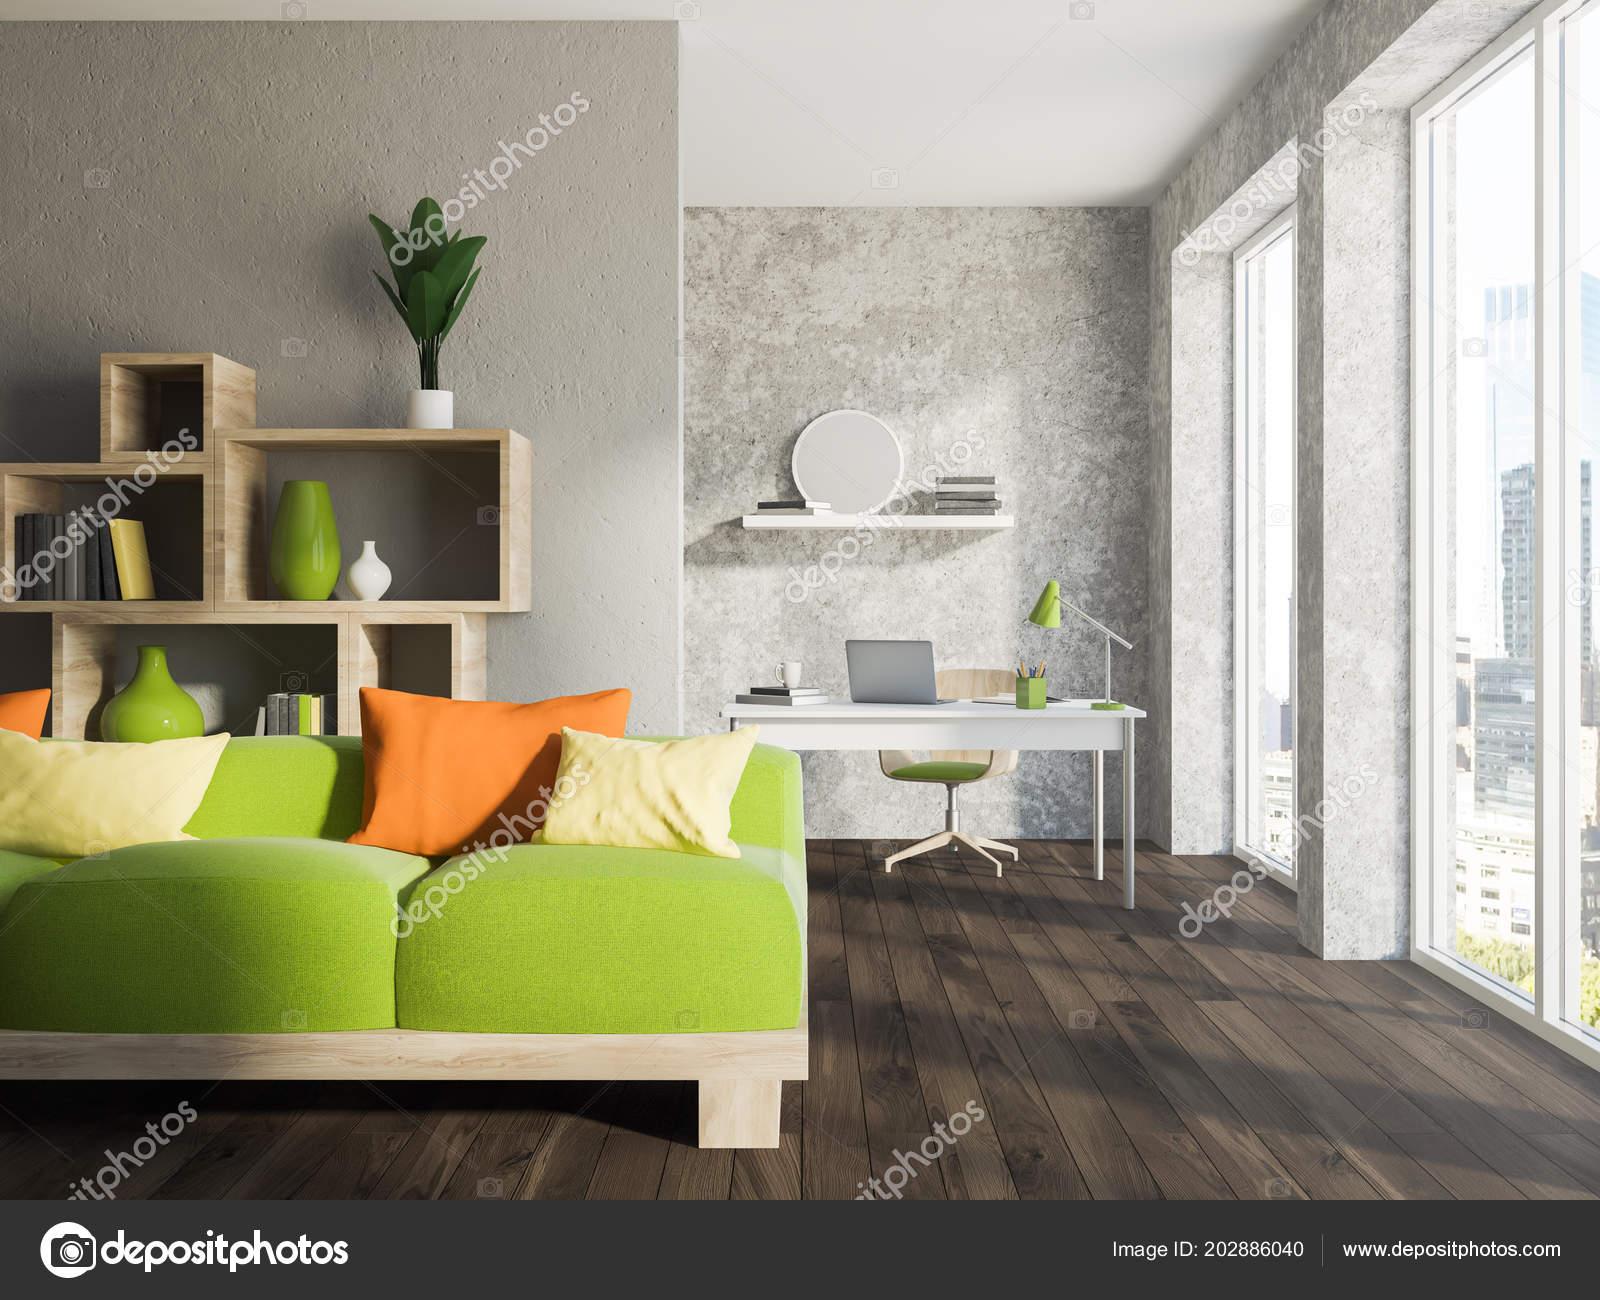 Interni Casa Grigio : Soggiorno loft grigio interni ufficio casa con pavimento legno